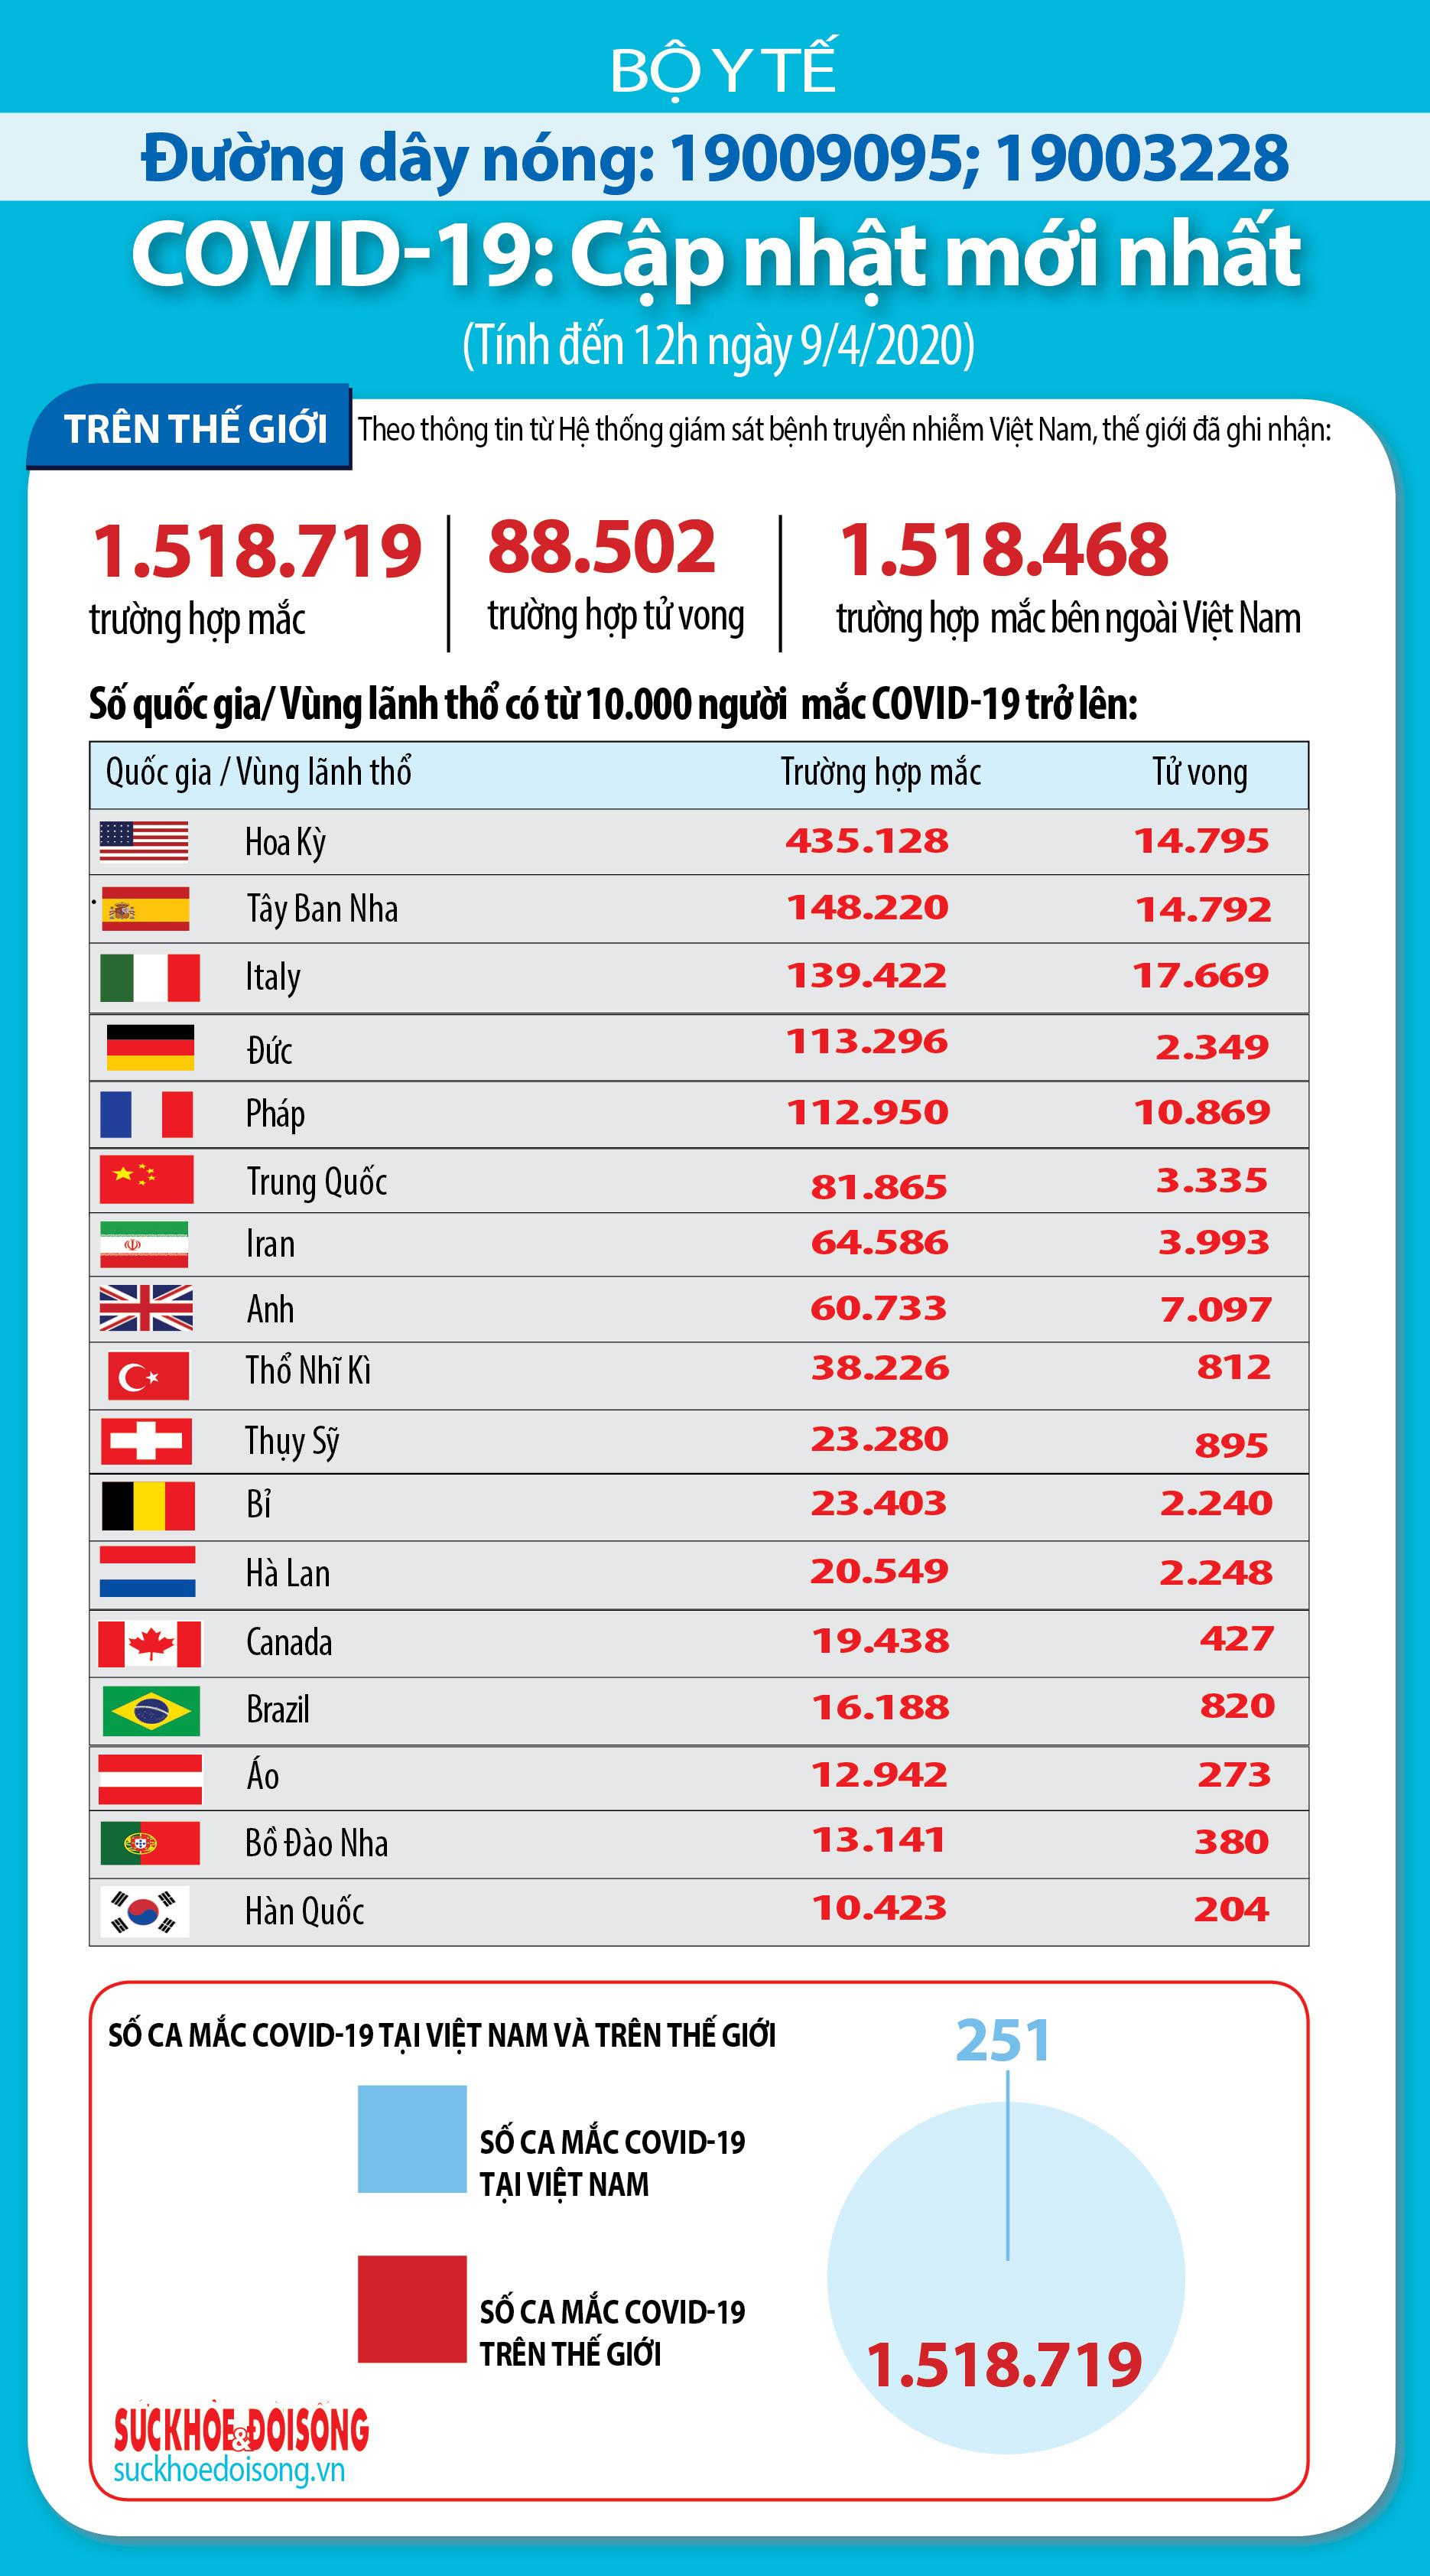 Cập nhật dịch Covid-19 trên thế giới ngày 9/4: Số ca nhiễm bệnh ở Nga tăng đột biến, Italy ghi nhận số ca tử vong tiếp tục giảm trong 3 ngày liên tiếp - Ảnh 5.